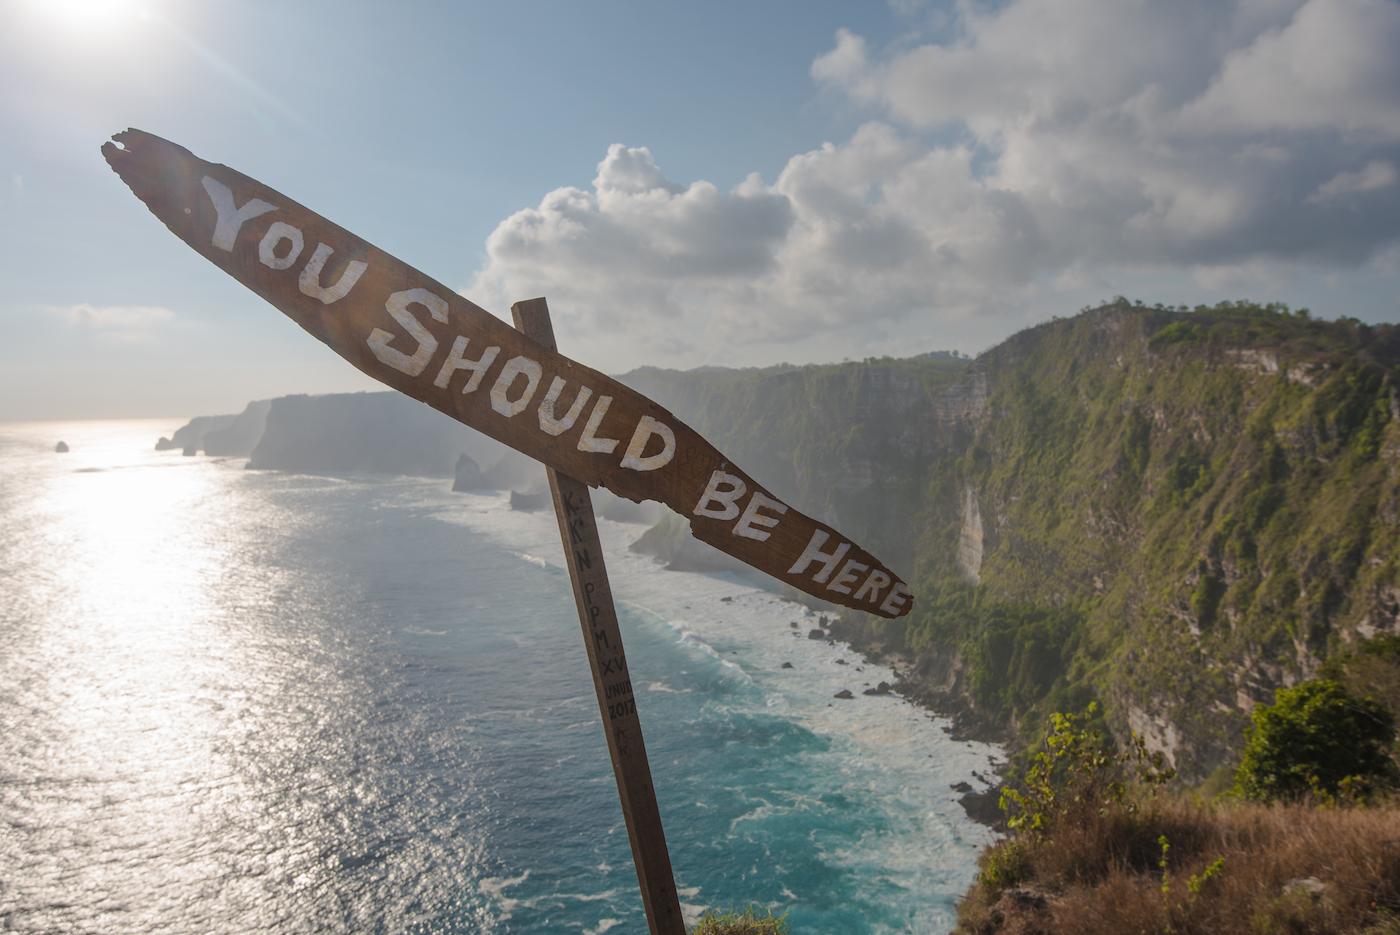 Indonesie reizen Mooiste eilanden nusa penida